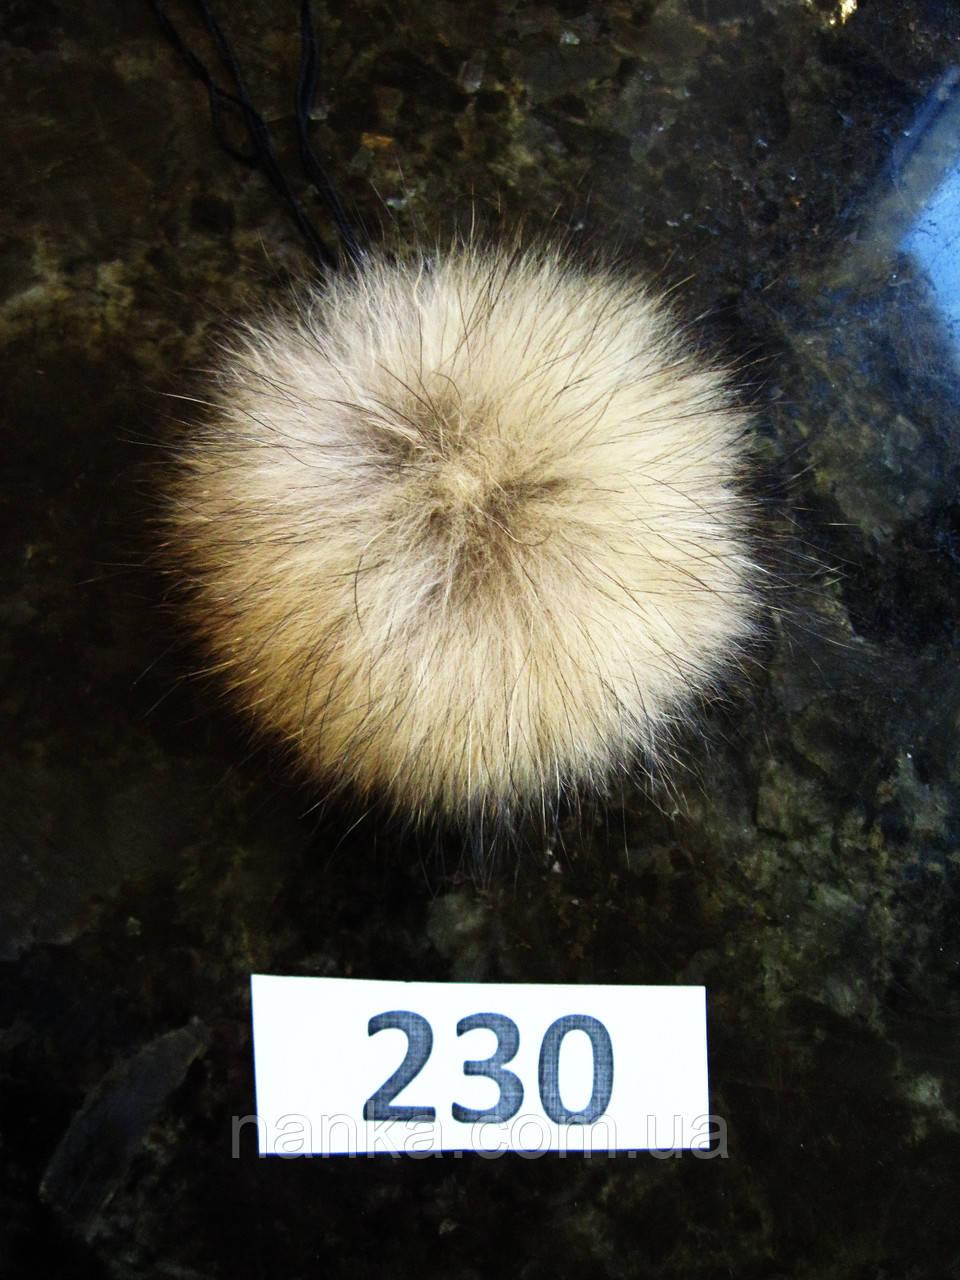 Меховой помпон Енот, 8/10 см, 230